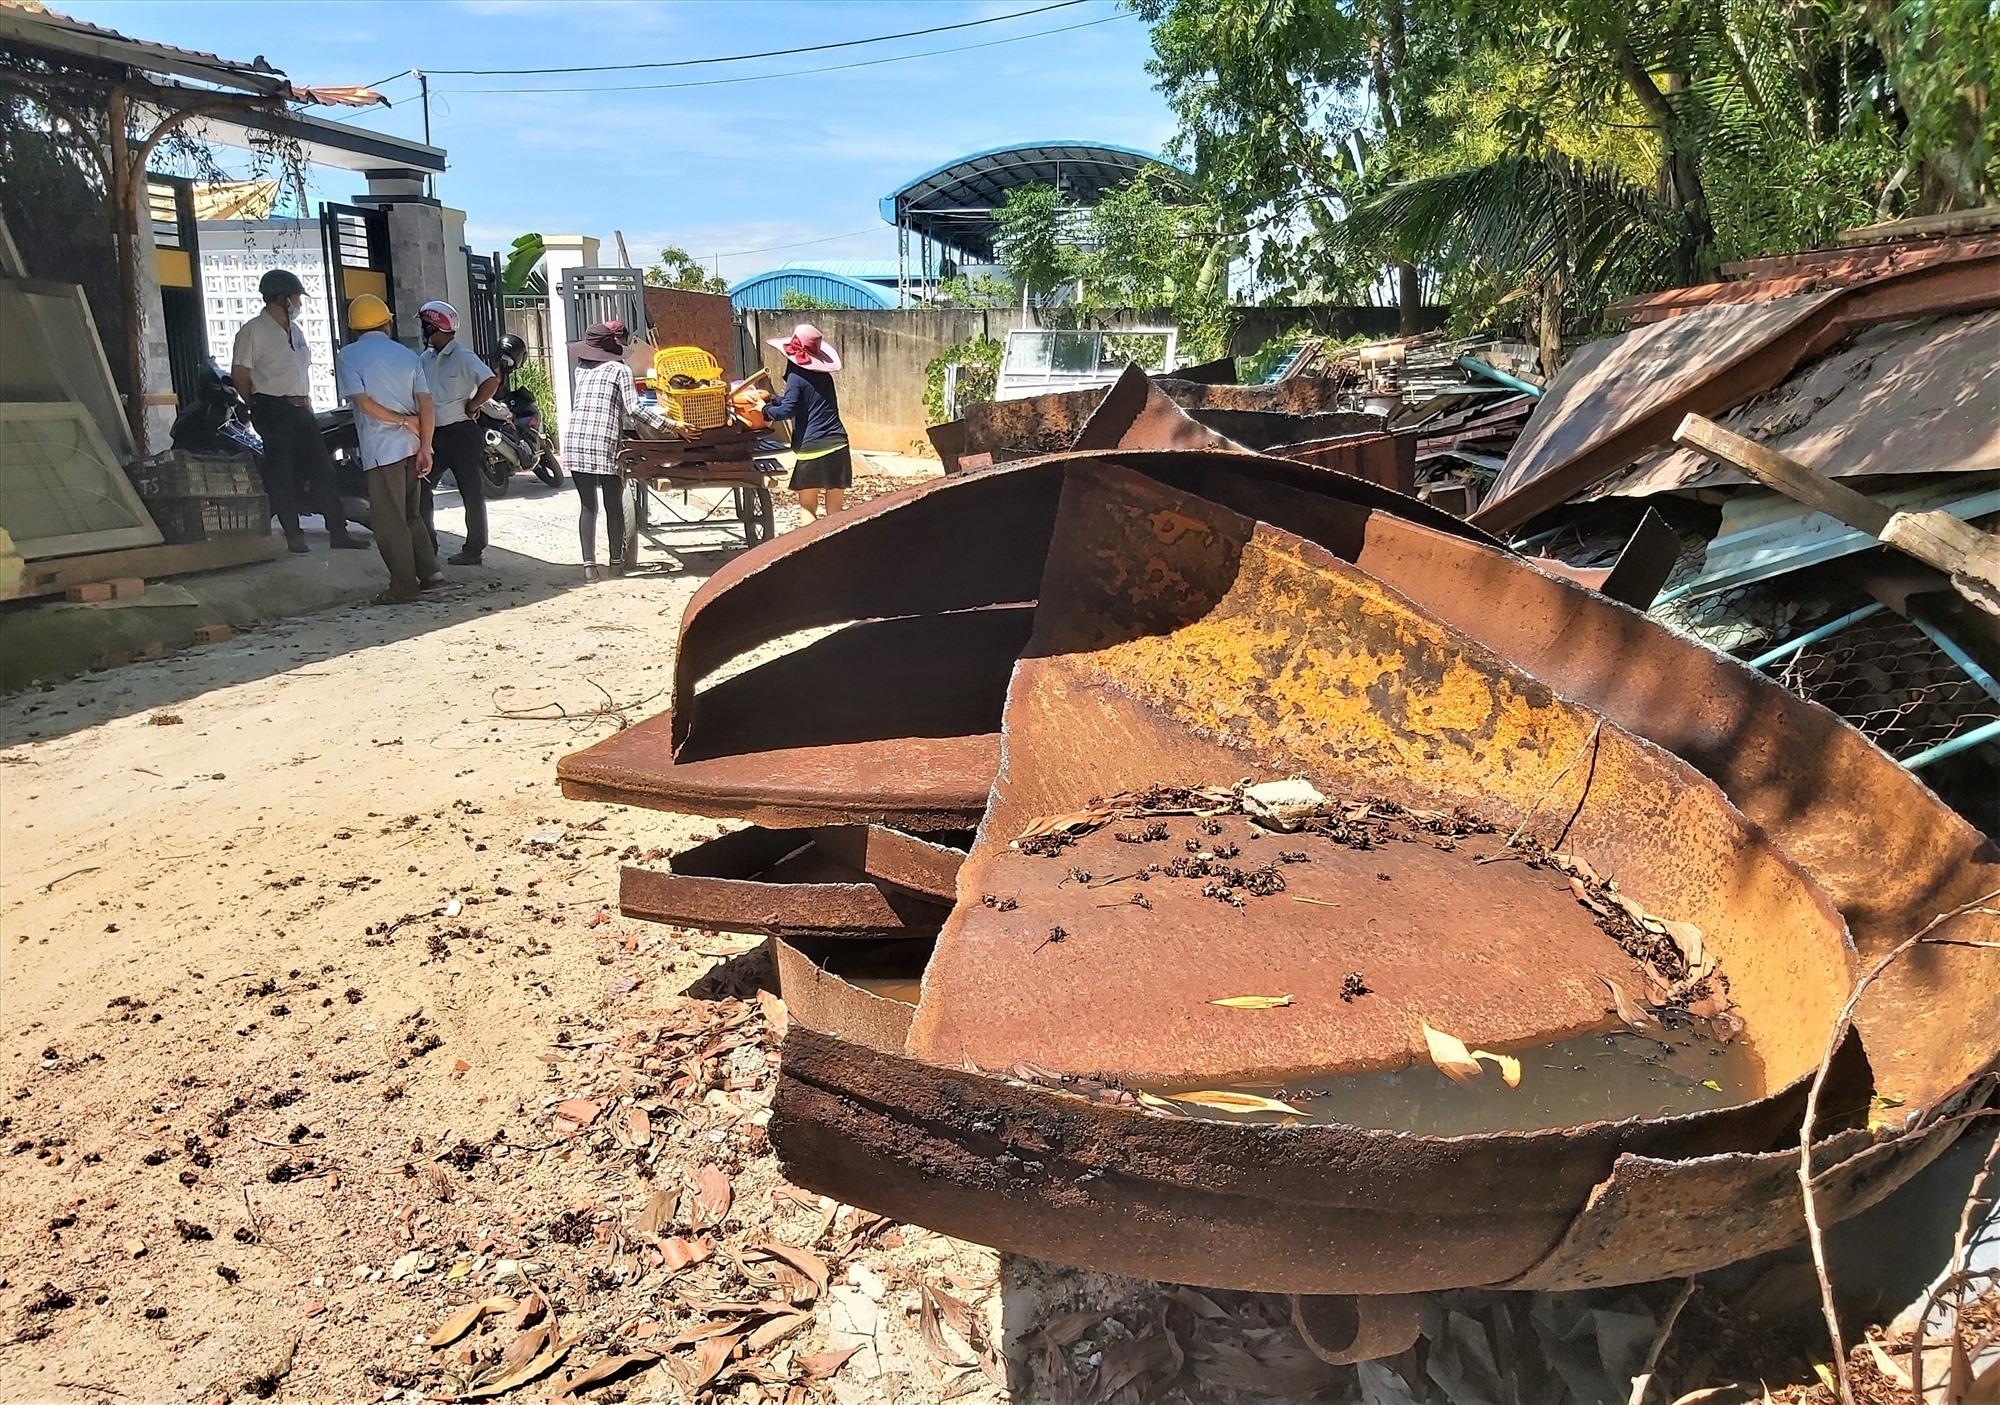 Tuyến đường Bà Huyện Thanh Quan bị lấn chiếm để bỏ vật liệu. Ảnh: HOÀI AN